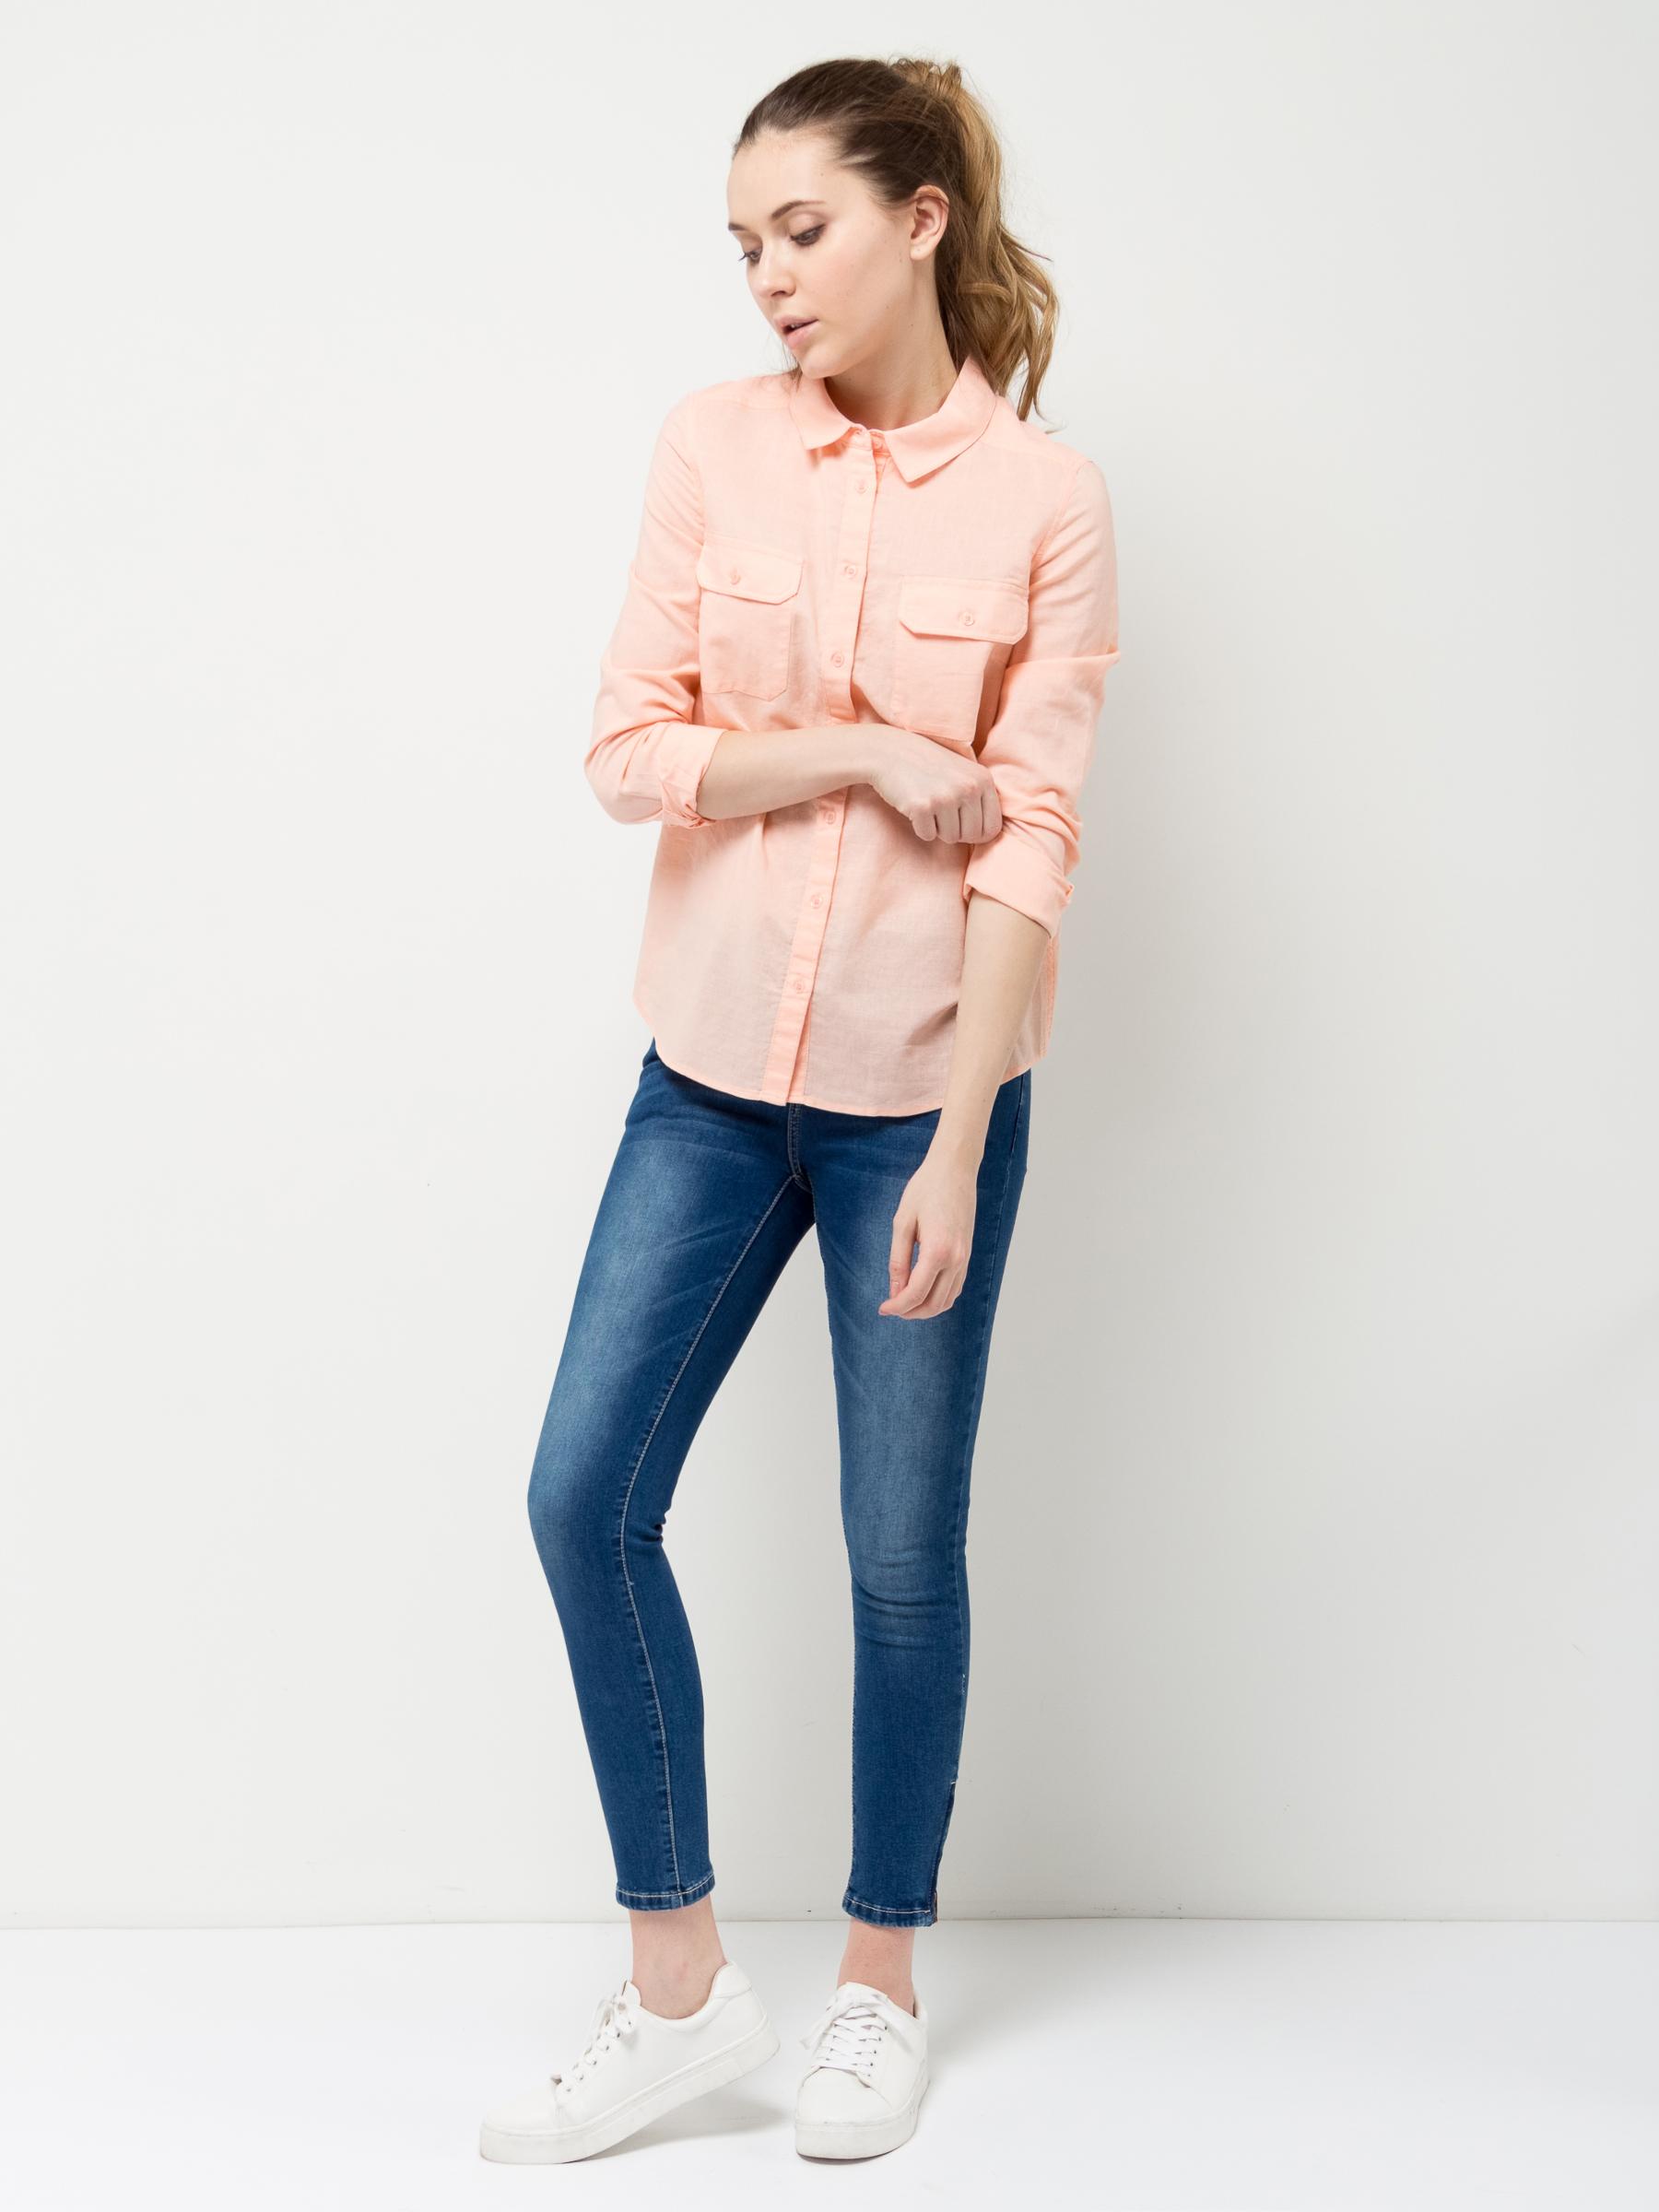 Рубашка женская Sela, цвет: светло-персиковый. B-112/1189-7162. Размер 48B-112/1189-7162Классическая женская рубашка Sela выполнена изо льна с добавлением хлопка. Модель прямого кроя с отложным воротничком застегивается на пуговицы и дополнена двумя накладными карманами с клапанами. Манжеты длинных рукавов с опцией подгибки также дополнены пуговицами. Рубашка подойдет для офиса, прогулок и дружеских встреч и будет отлично сочетаться с джинсами и брюками, и гармонично смотреться с юбками. Мягкая ткань комфортна и приятна на ощупь.